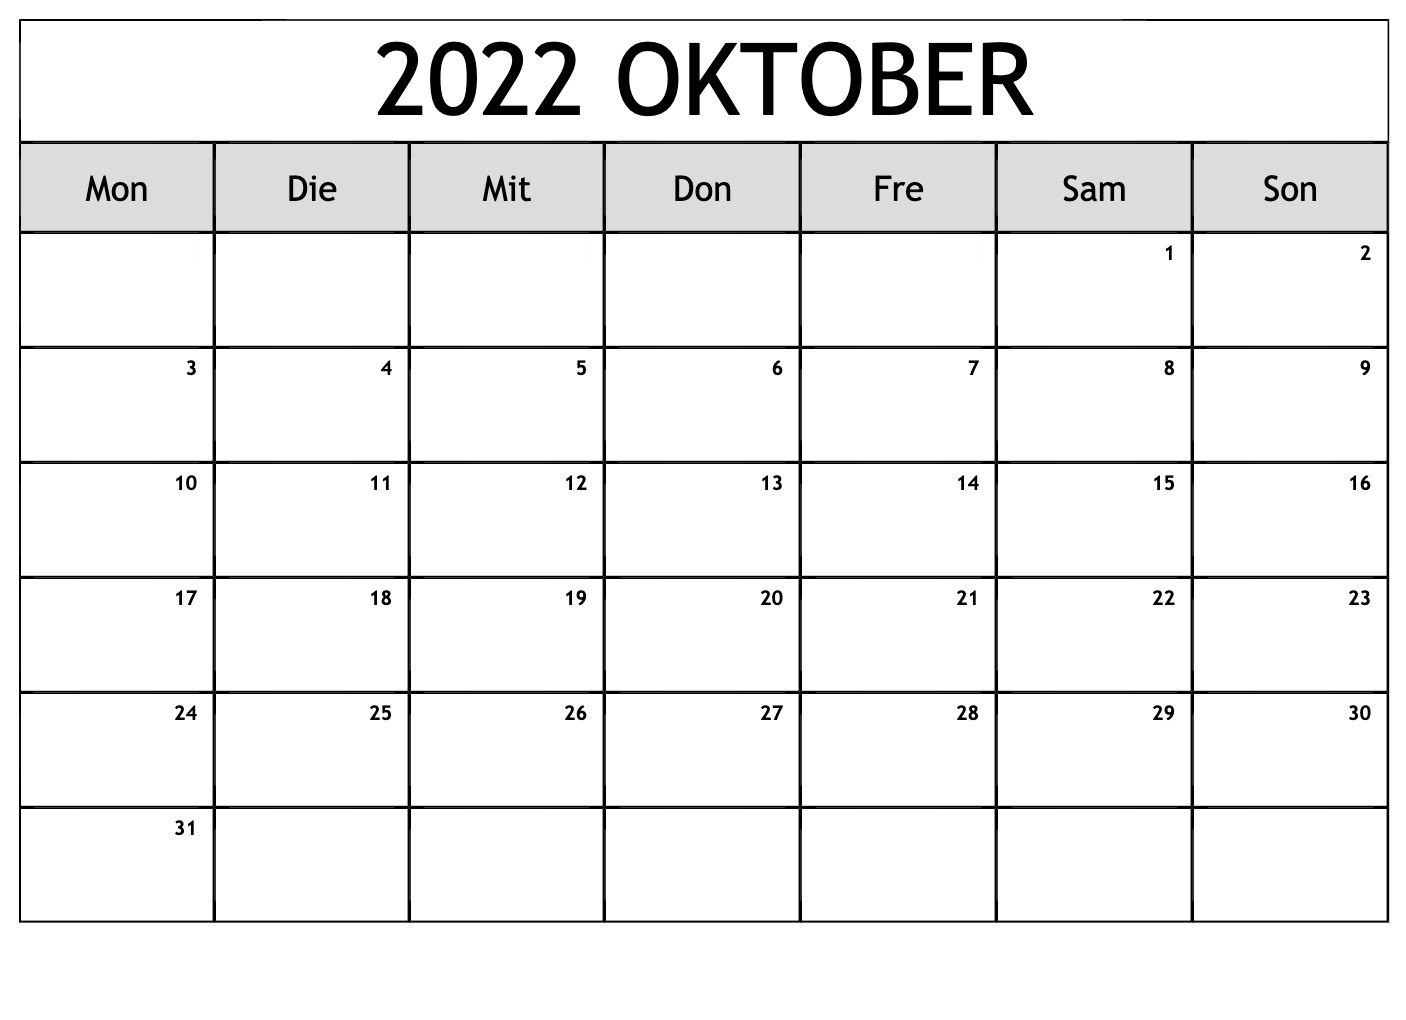 Oktober 2022 Feiertags Kalender